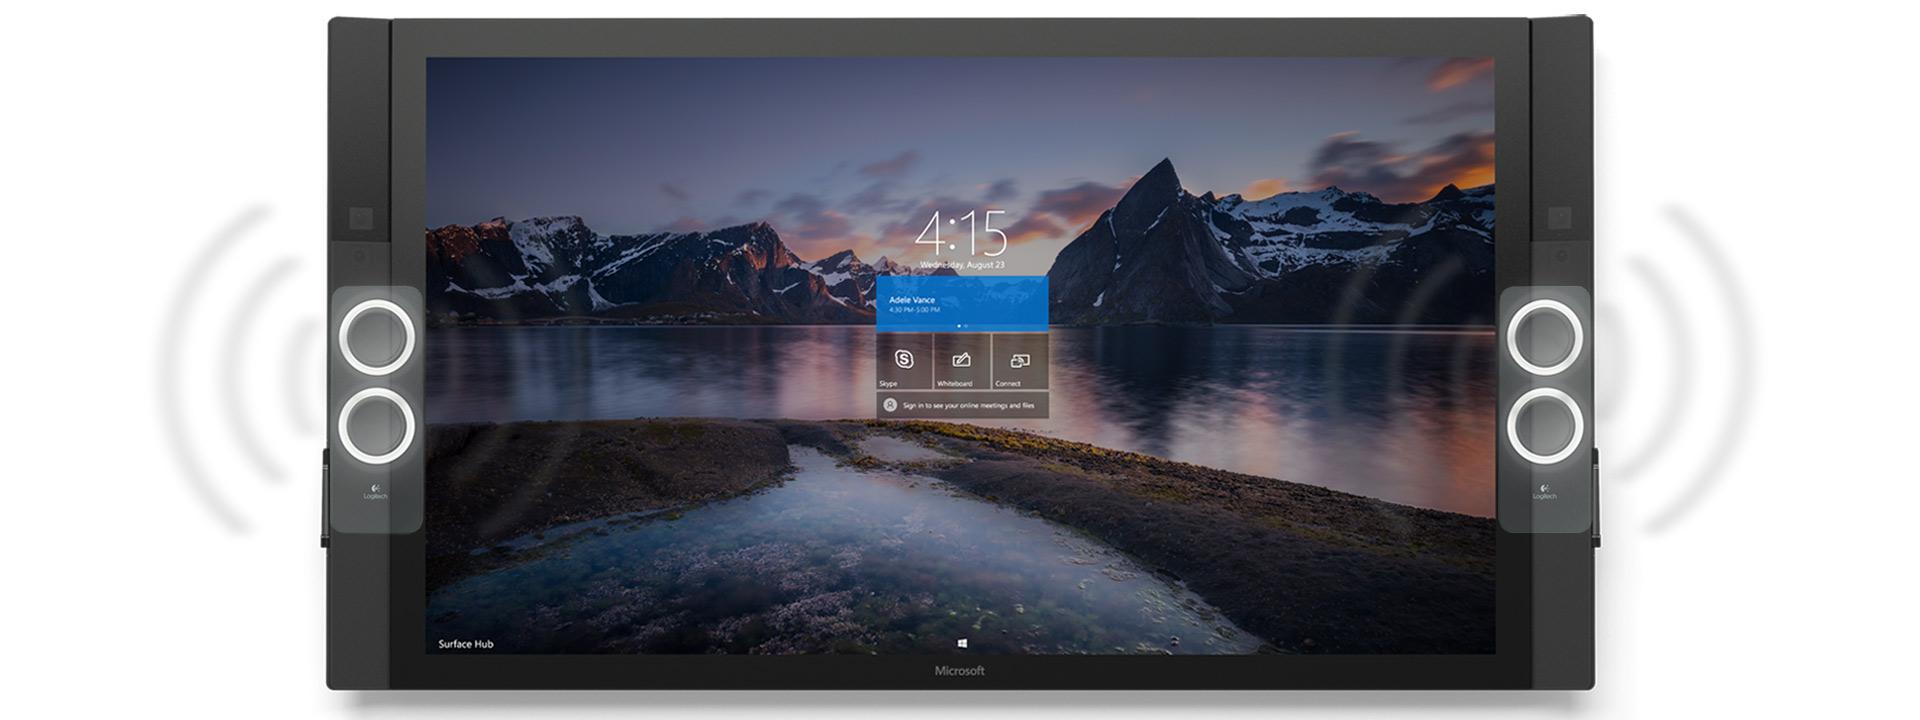 Vorderansicht von Surface Hub mit Naturpanorama als Startbildschirm, mit Darstellungen der vom Klang vibrierenden Lautsprecher.